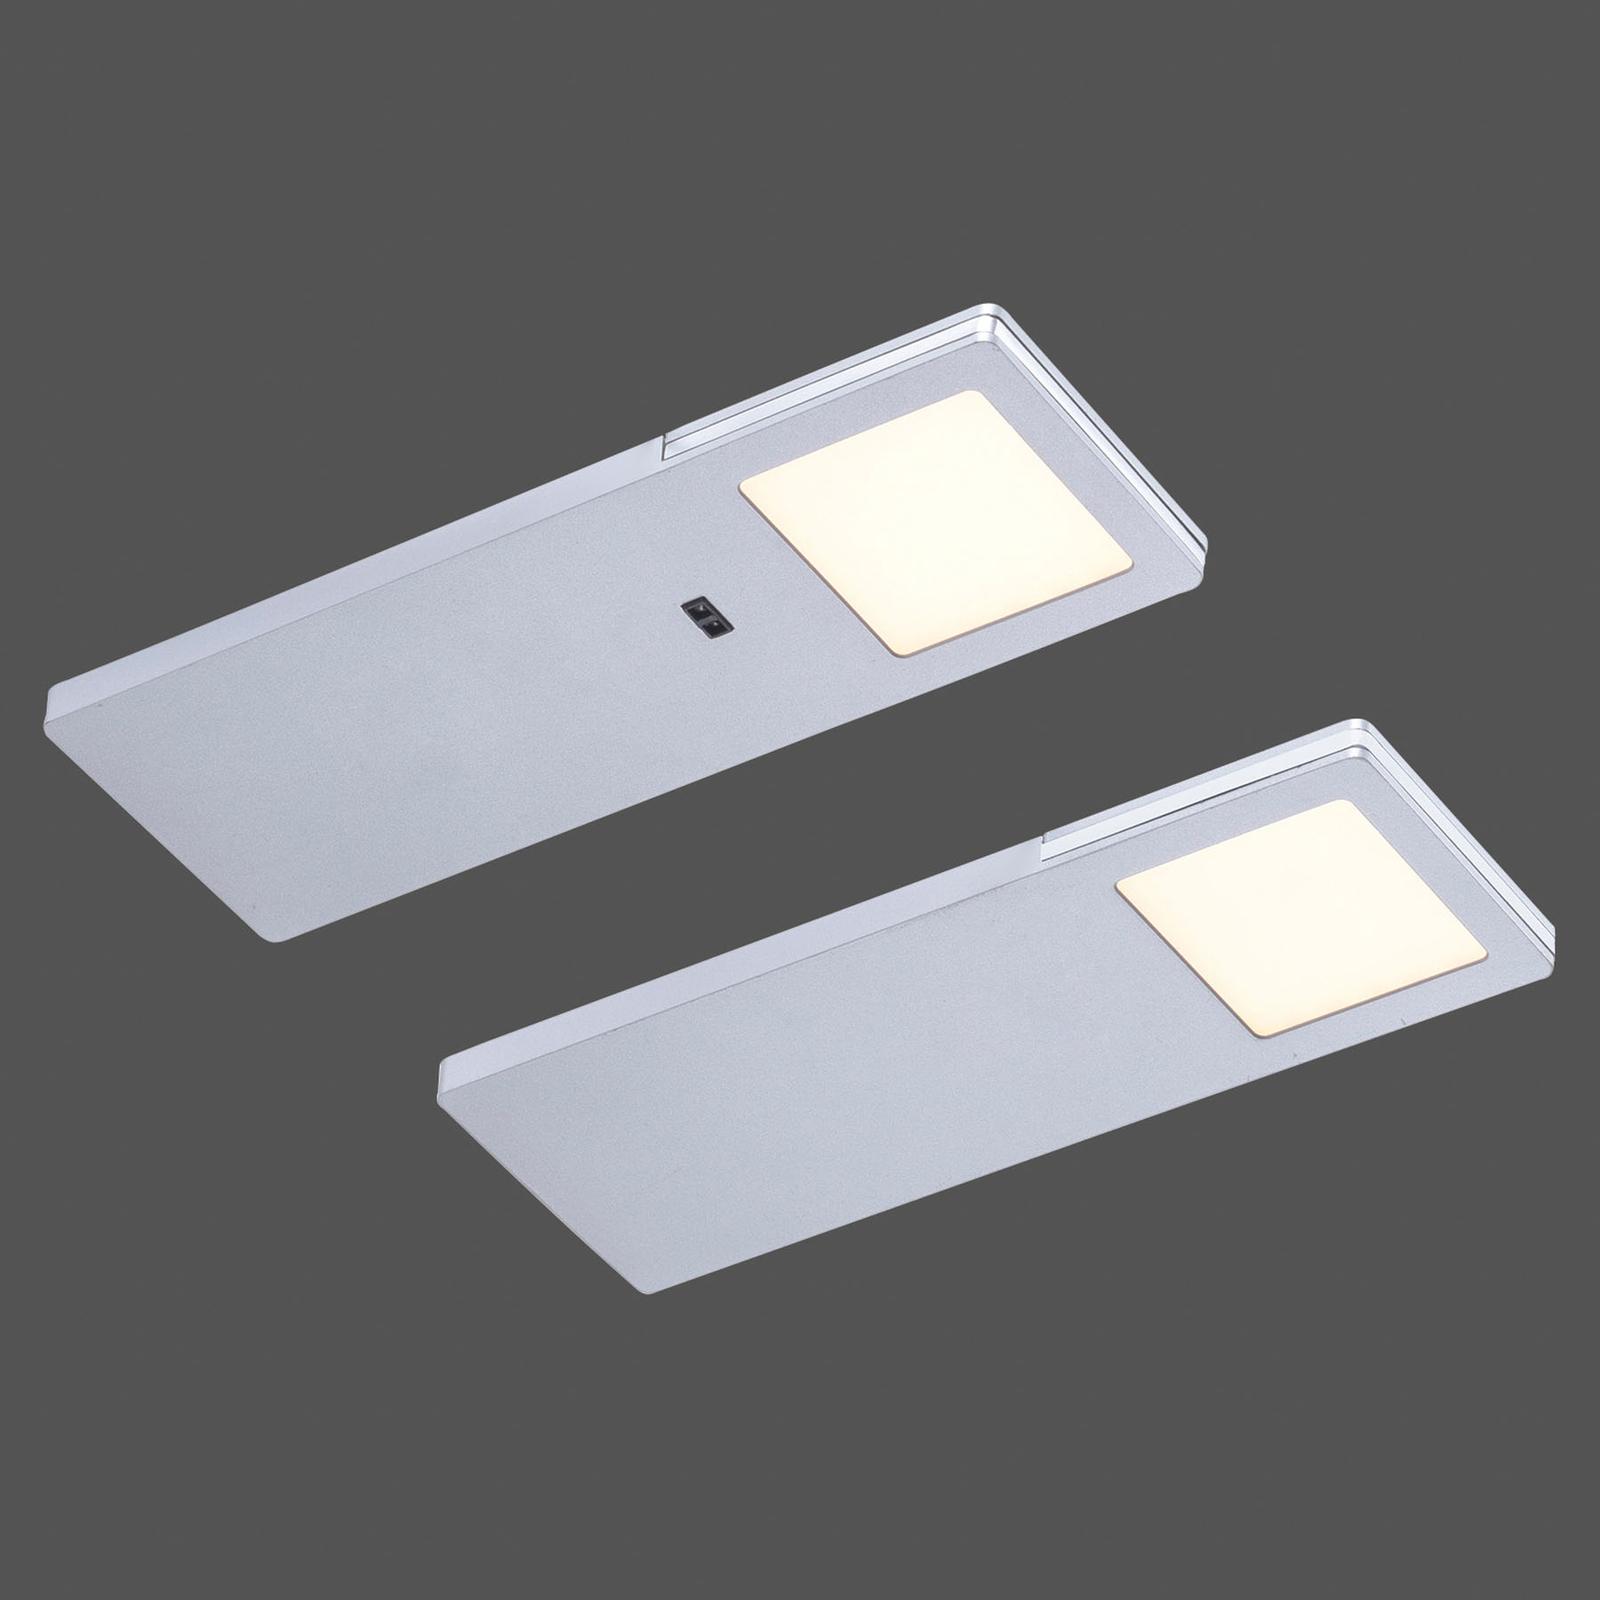 LED-kaapinalusvalaisin Amon, 2 kpl, kulmikas